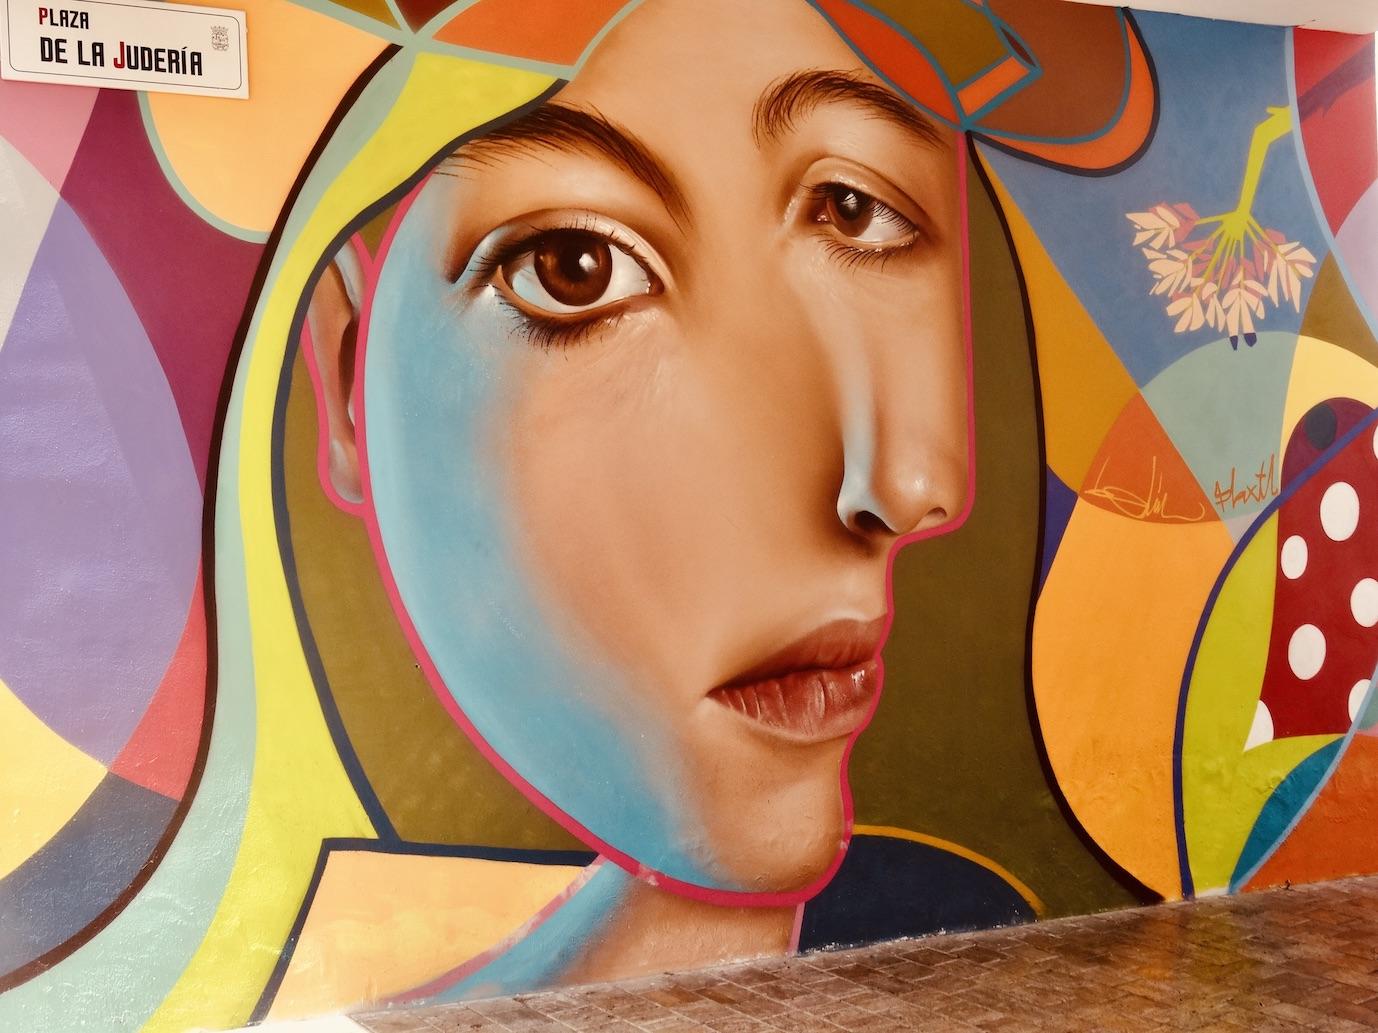 Street art Plaza de la Juderia Malaga.